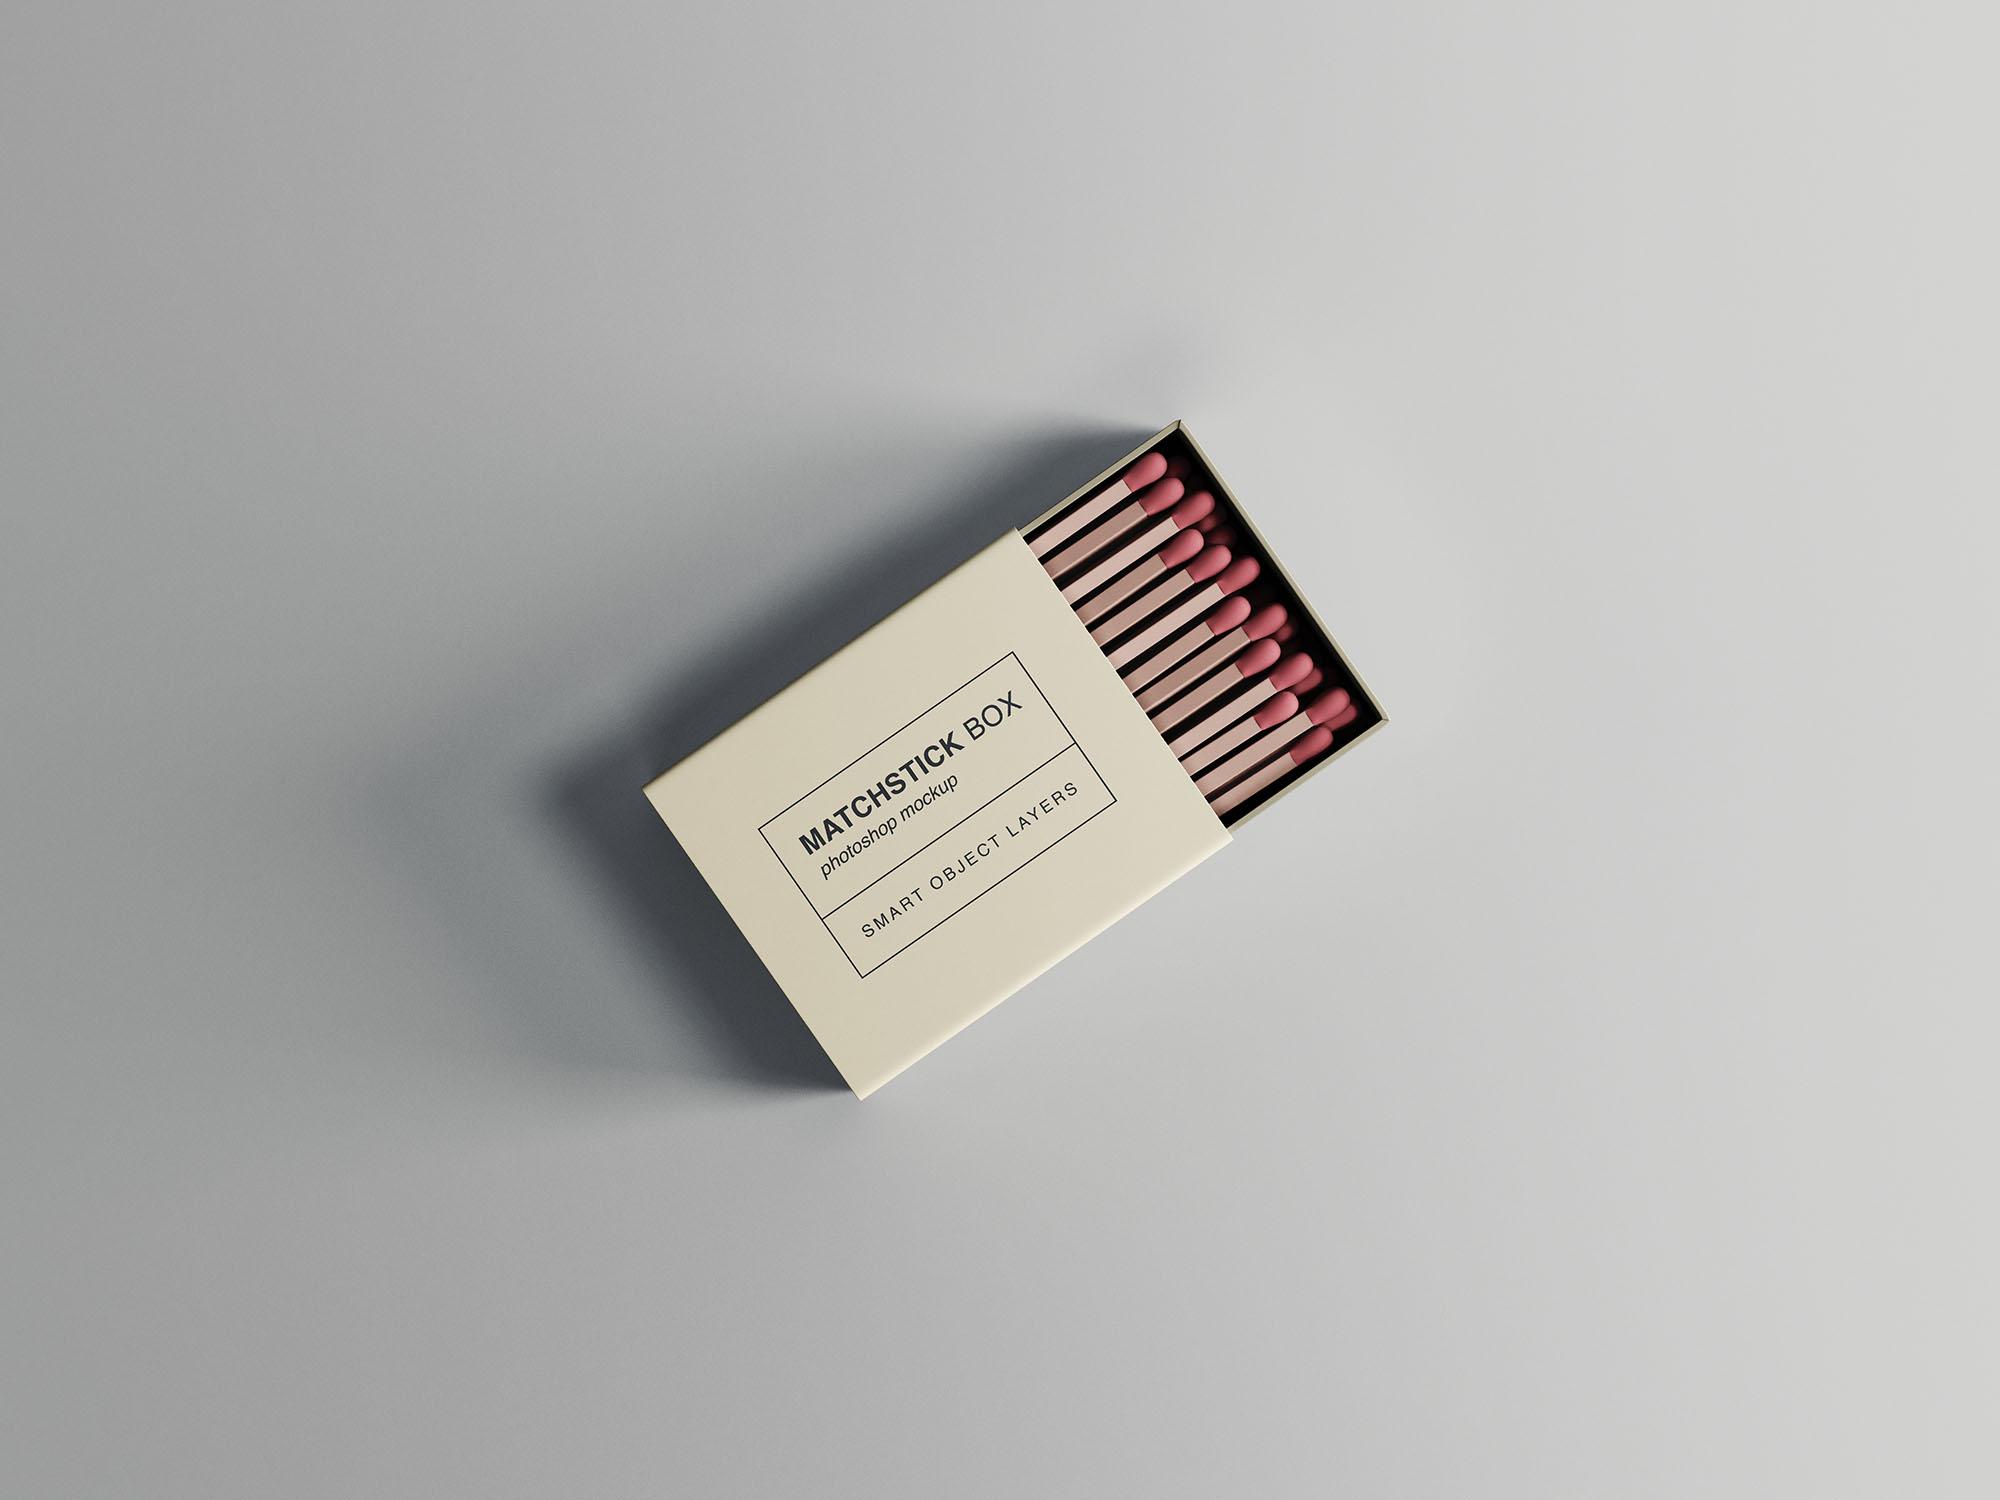 Matchstick Box - Free PSD Mockup